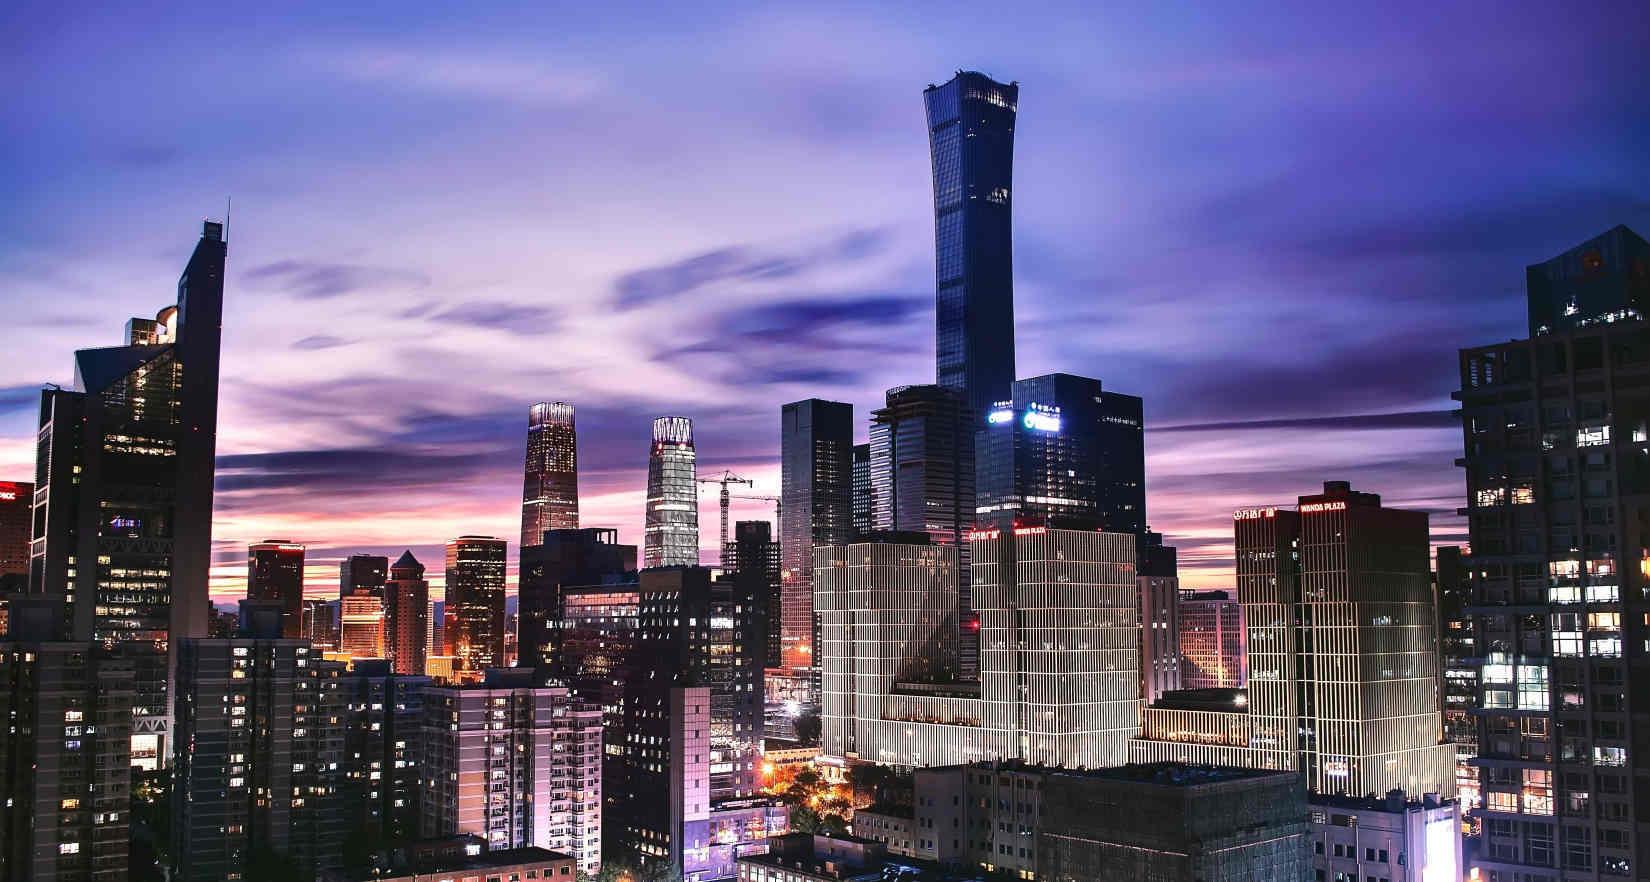 Boeing China VP to speak at AmCham China Women's Summit this